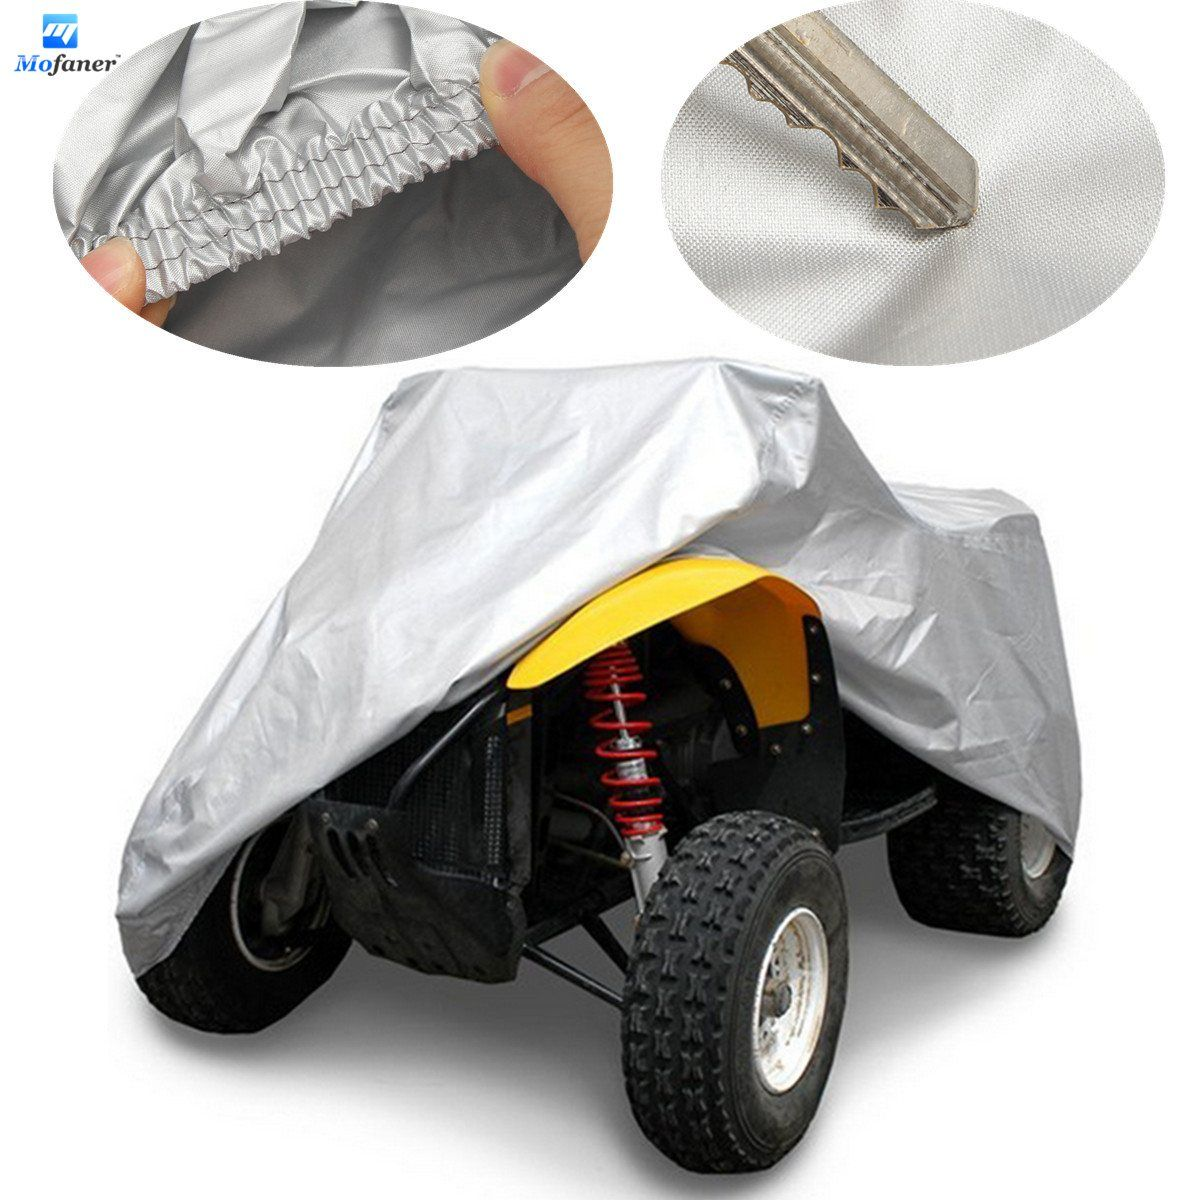 Mofaner XL Большой 190 т ATV Обложка Водонепроницаемый пыле квадроцикл тракта Anti UV хранения Обложка сумка